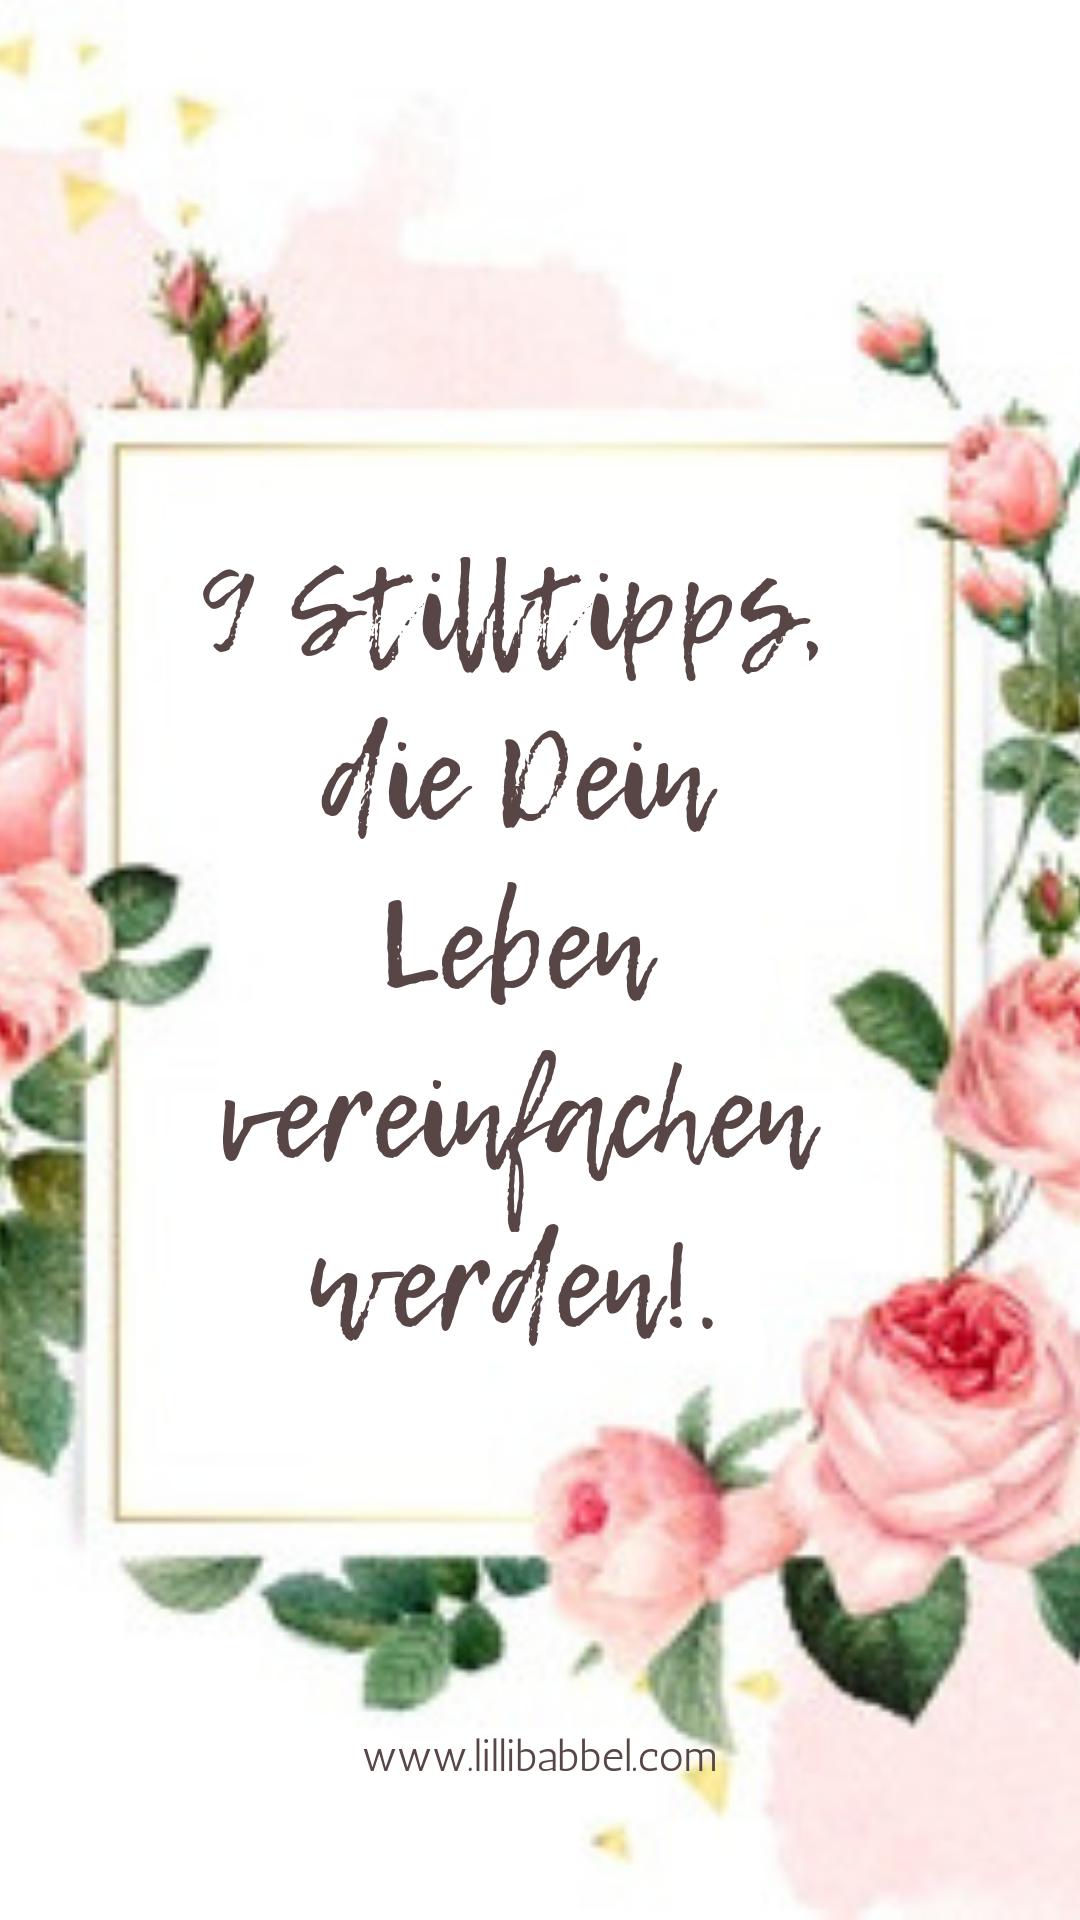 9 Stilltipps, die Dein Leben vereinfachen werden!.png